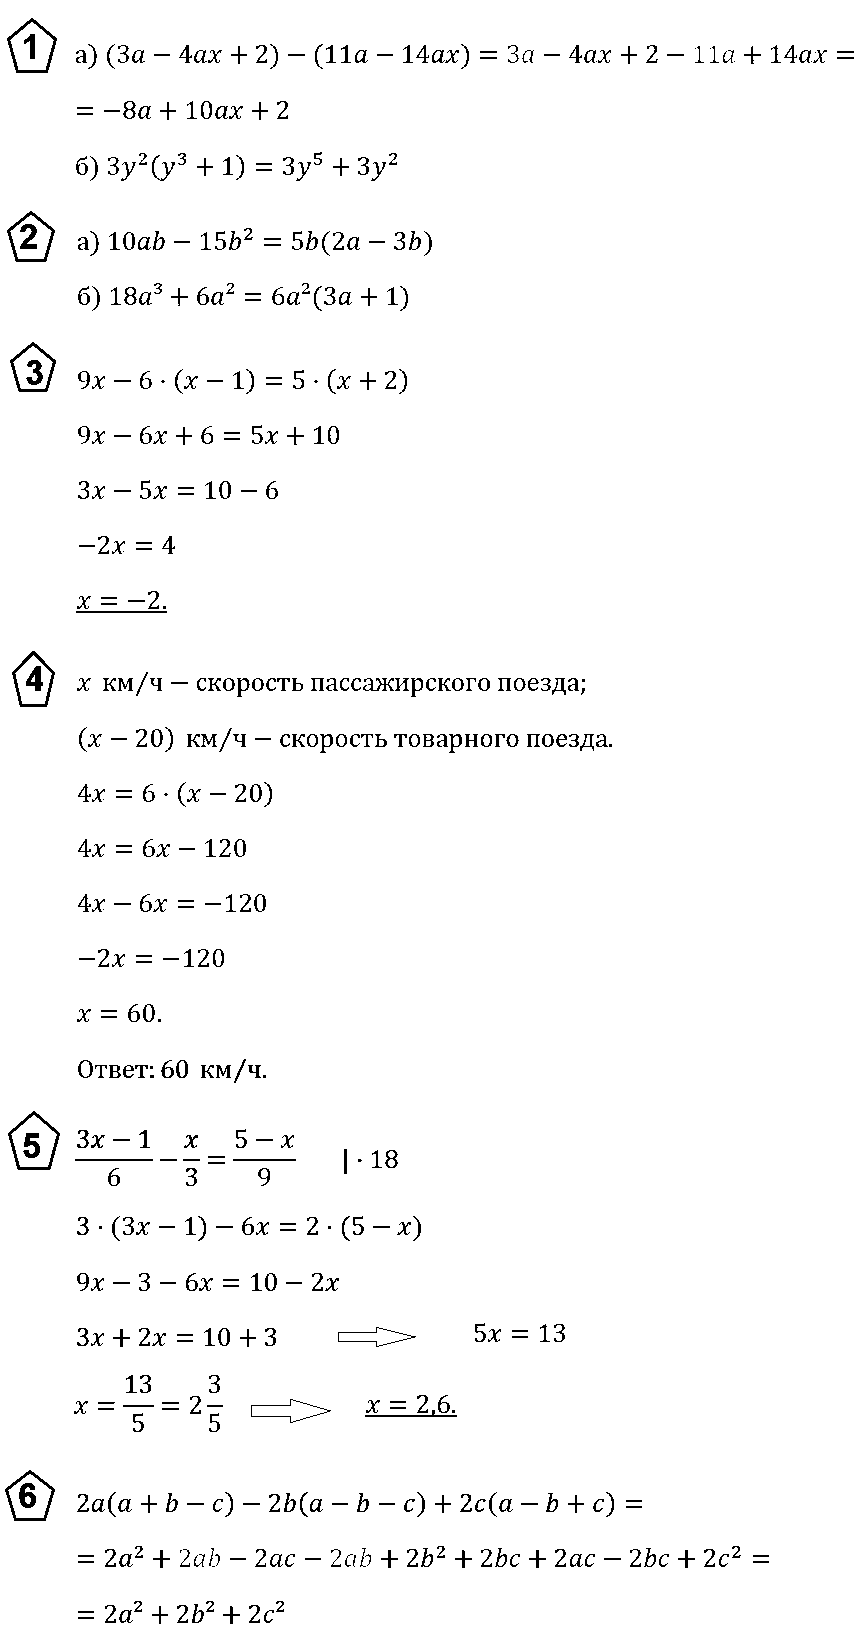 Алгебра 7 Макарычев КР-5 В1